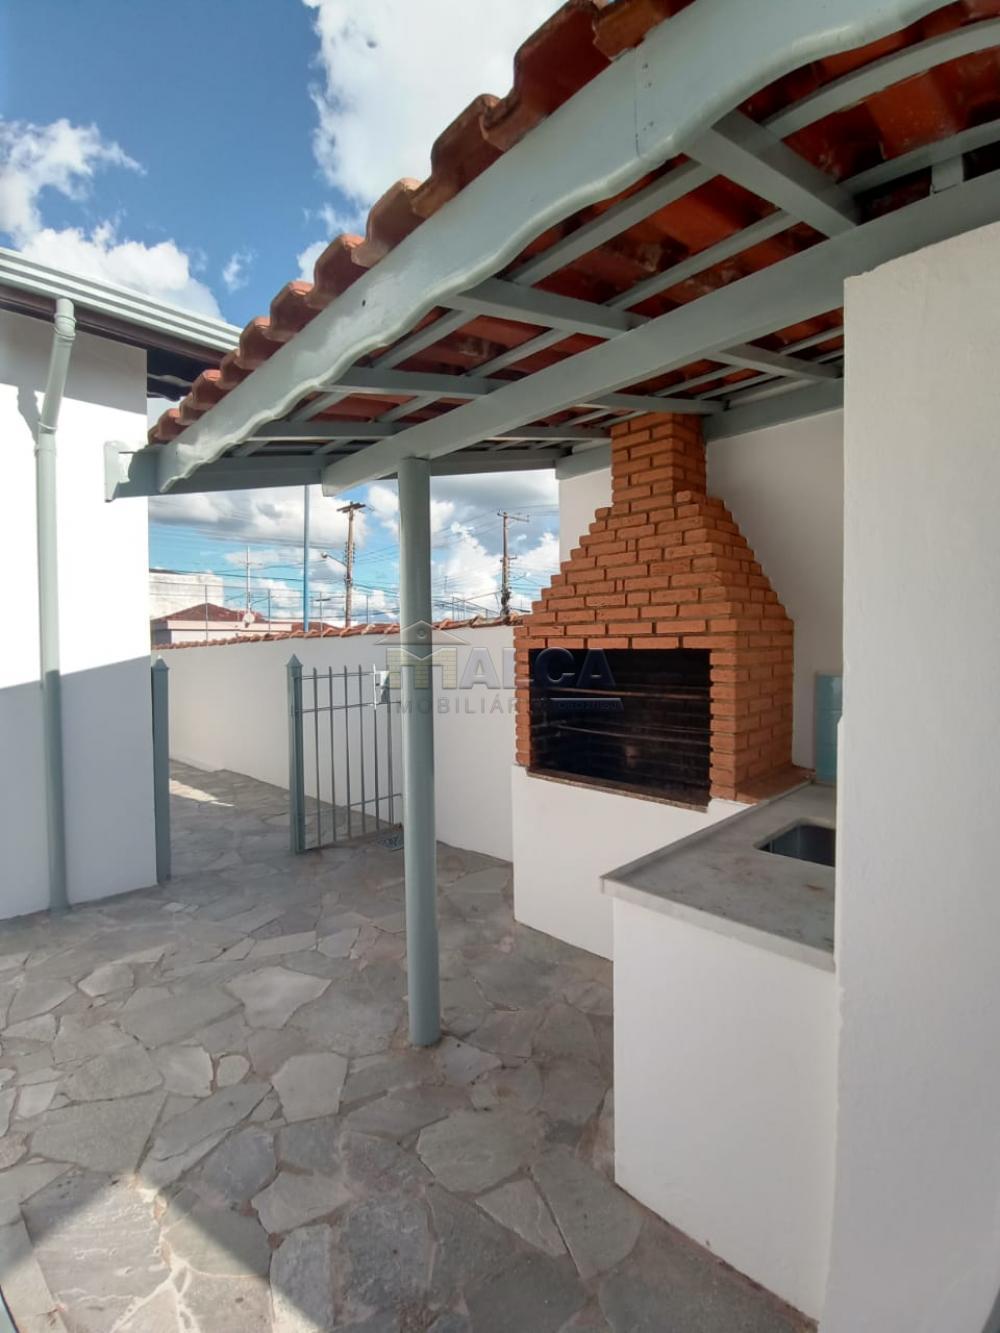 Alugar Casas / Padrão em São José do Rio Pardo apenas R$ 2.500,00 - Foto 28